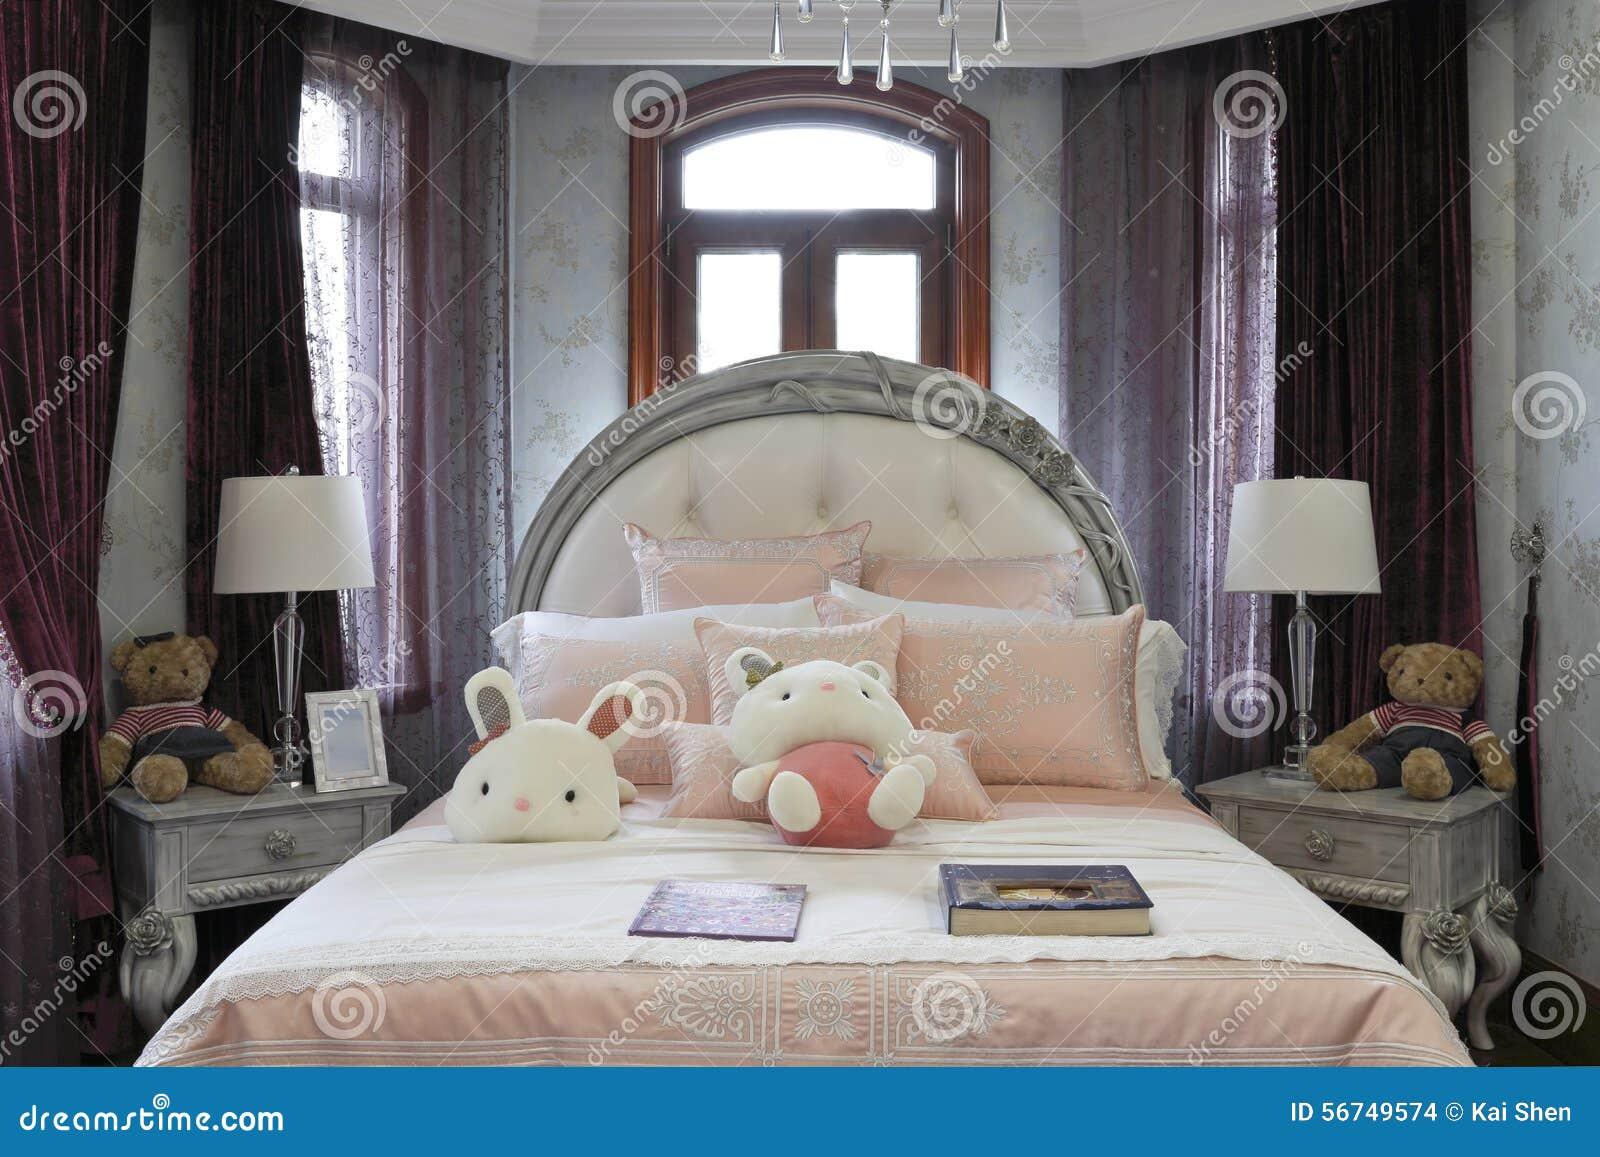 Camere Da Letto Stile Francese : Stile francese della camera da letto fotografia stock immagine